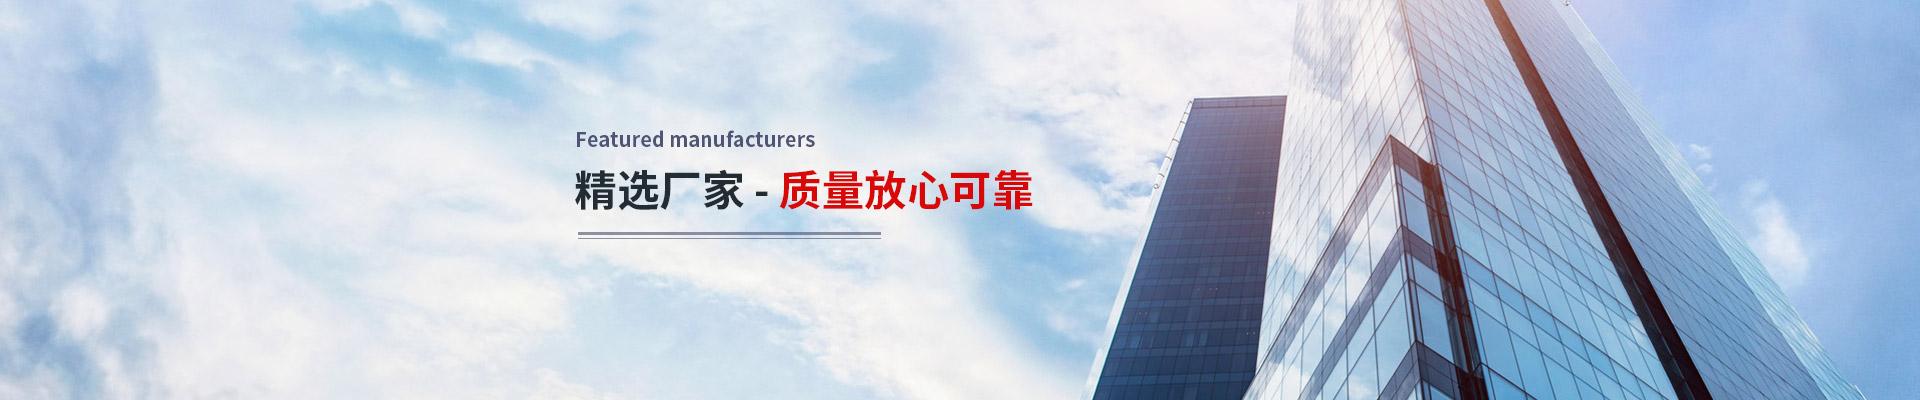 浙江新能源化工原料推荐厂家